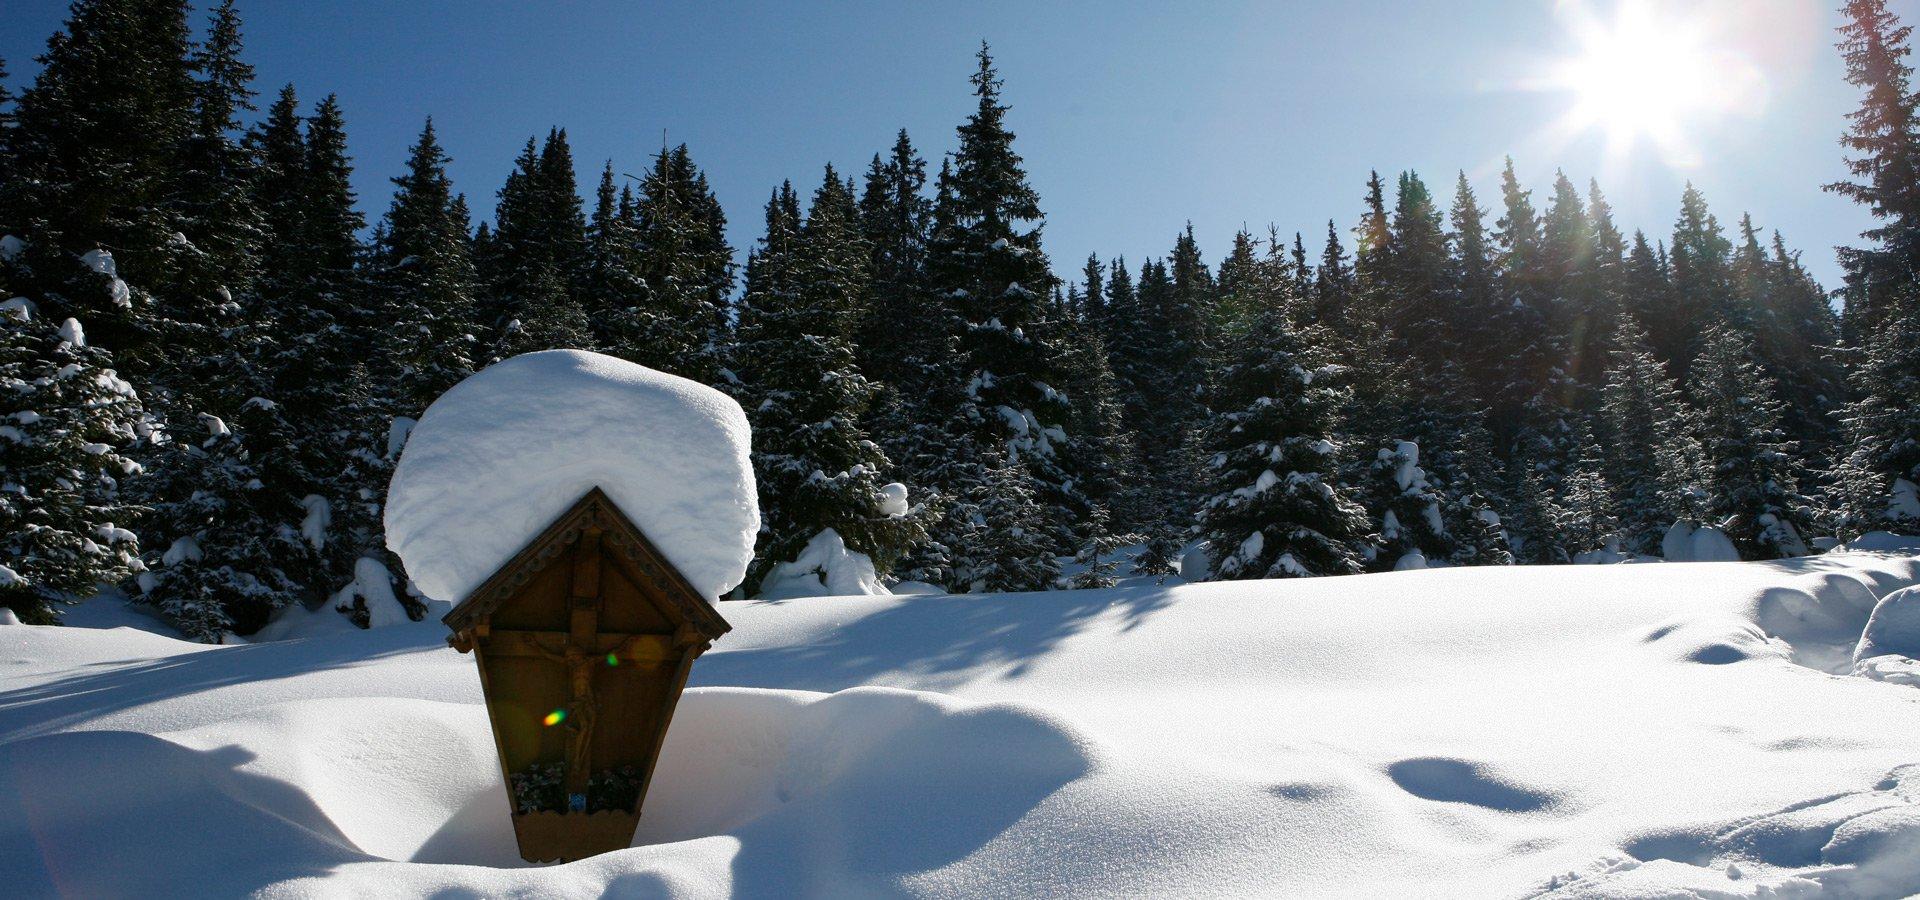 winterlandschaft-wipptal-suedtirol